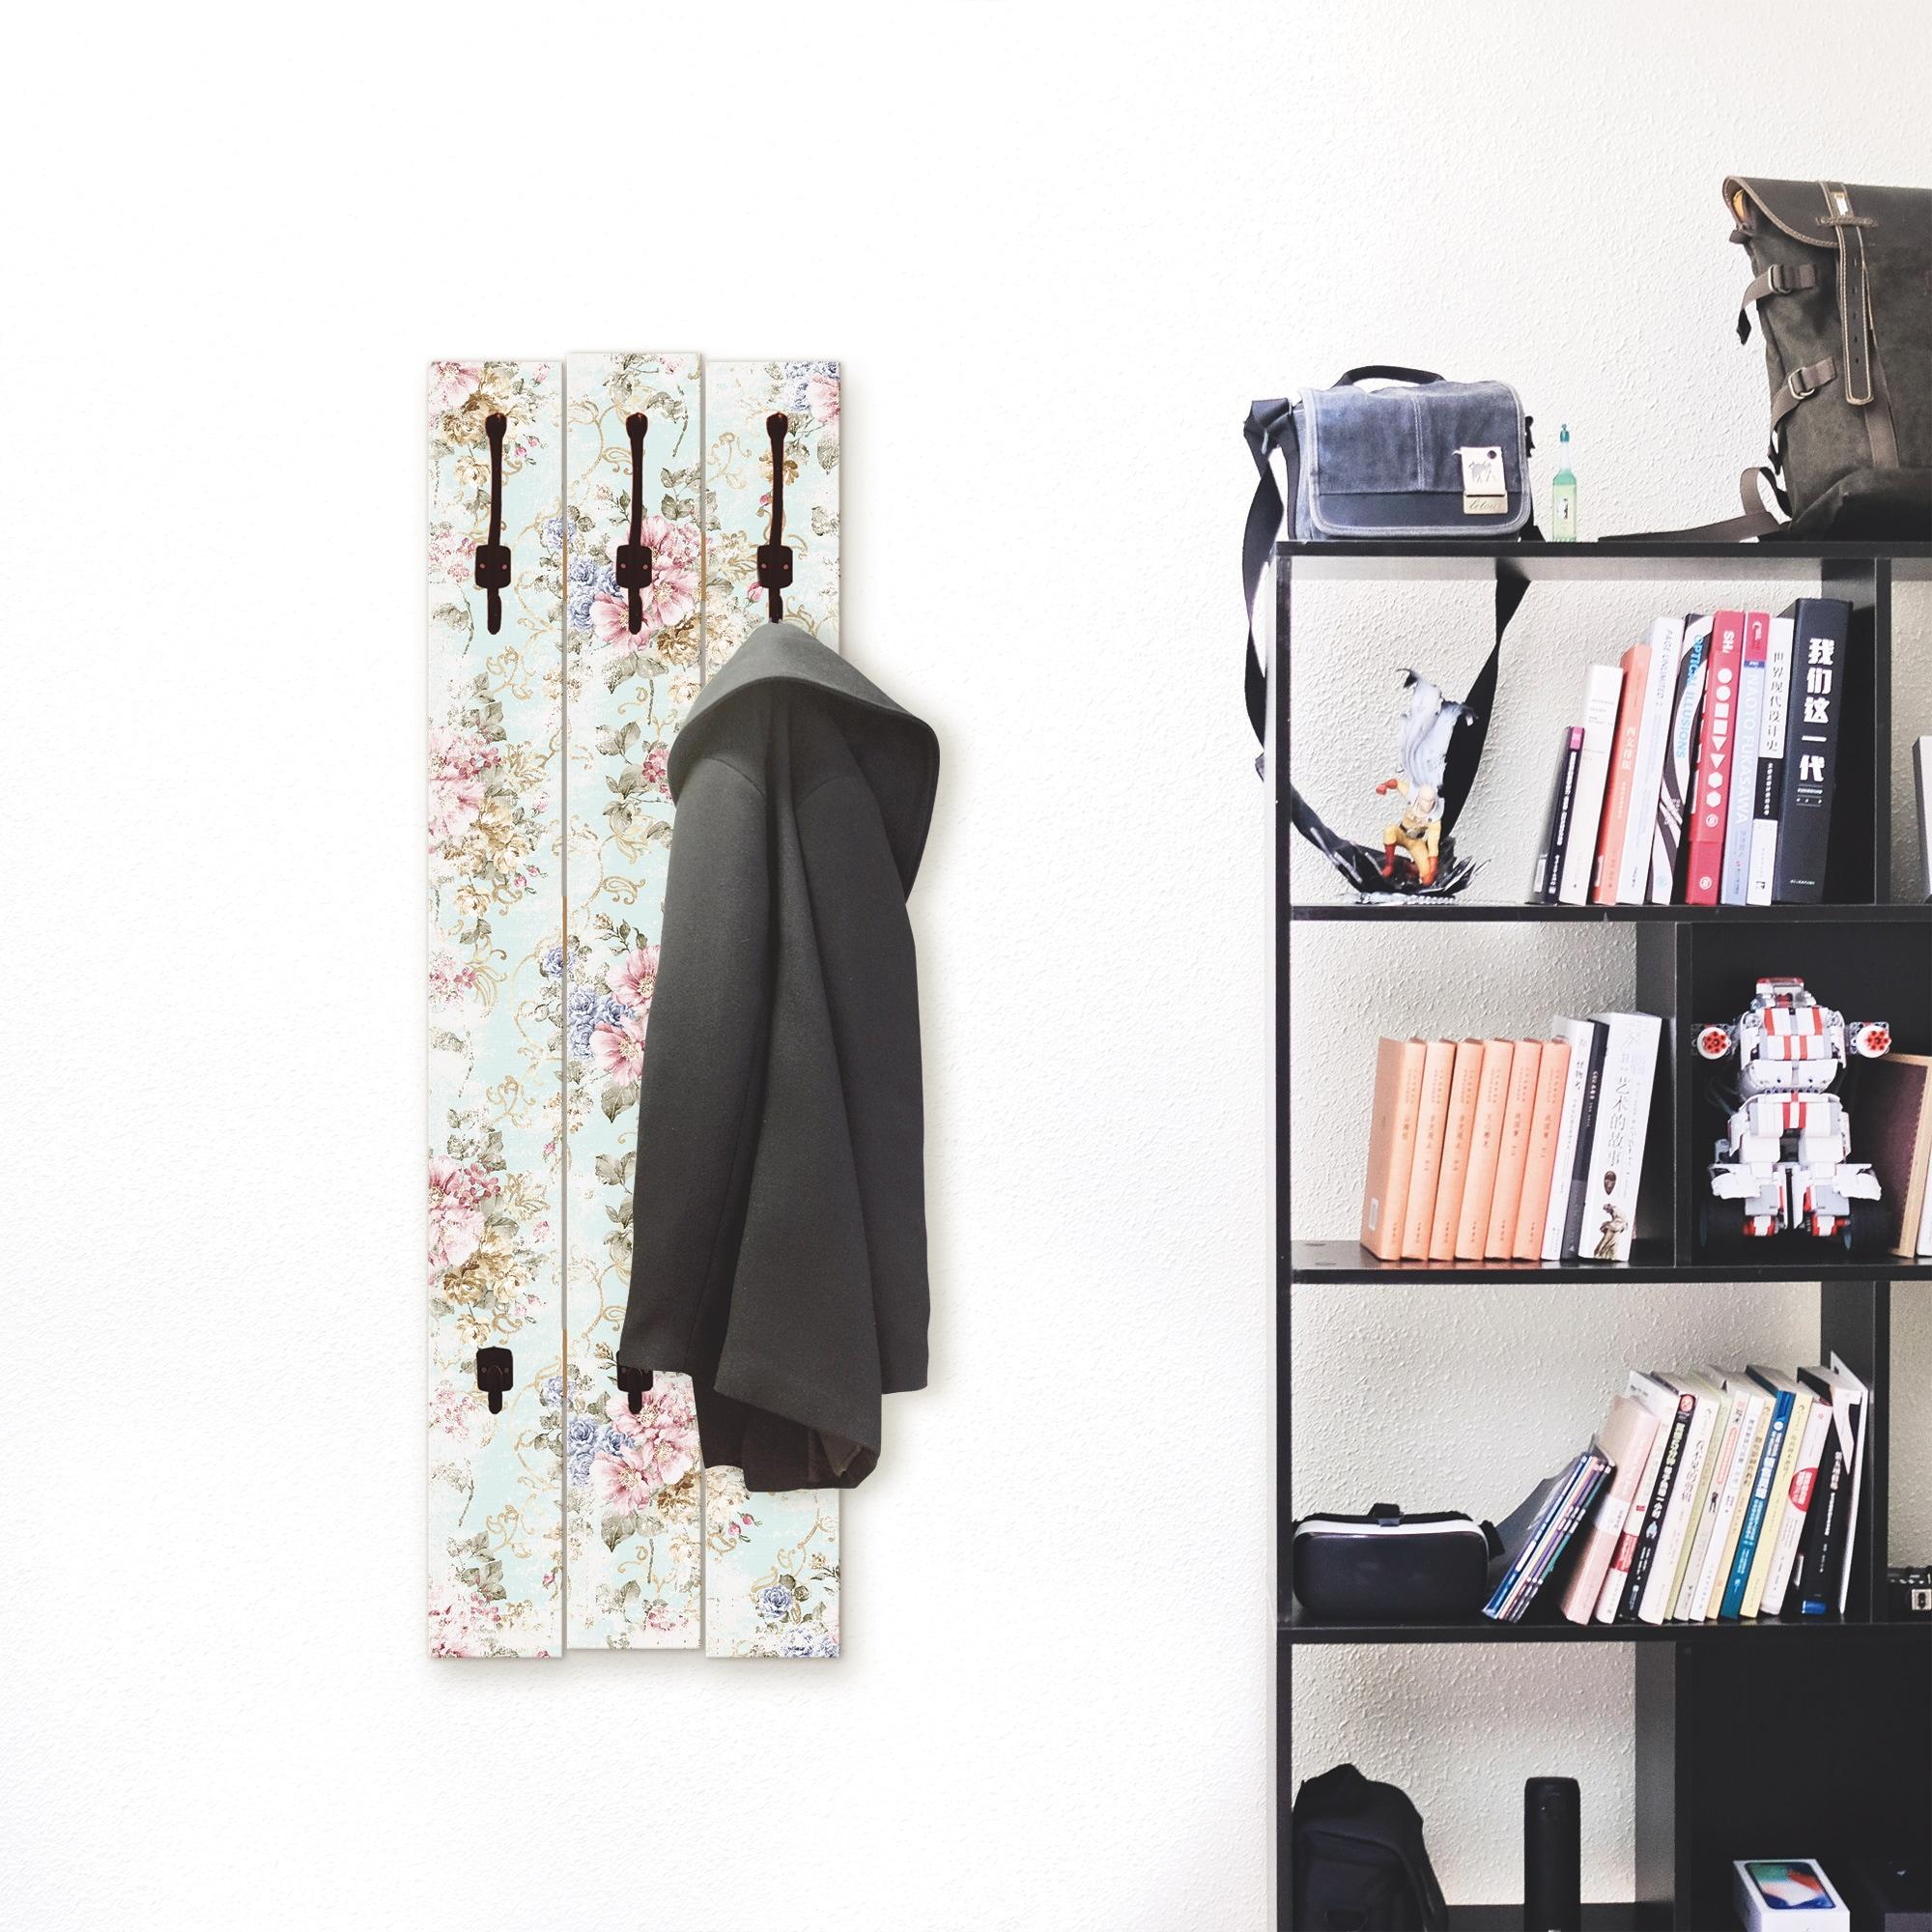 Image of Artland Garderobenpaneel »Blumen mit nahtlosem Muster«, platzsparende Wandgarderobe aus Holz mit 5 Haken, geeignet für kleinen, schmalen Flur, Flurgarderobe